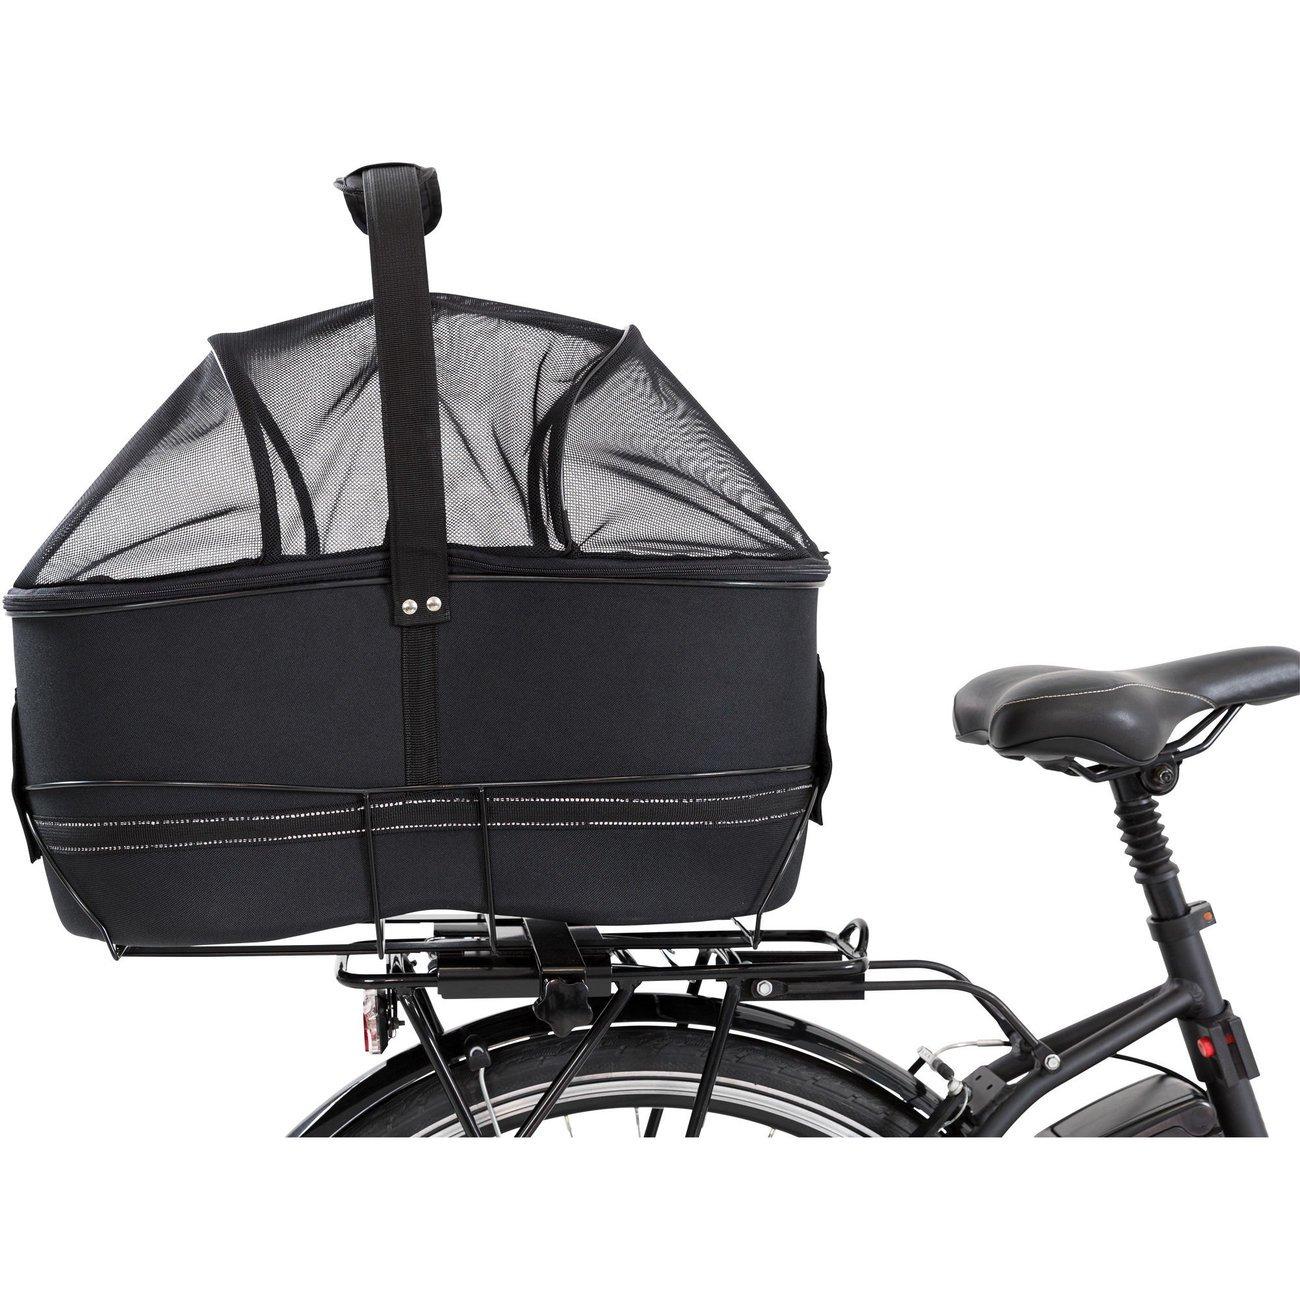 TRIXIE Hunde Fahrradkorb Long für breite Gepäckträger 13110, Bild 7